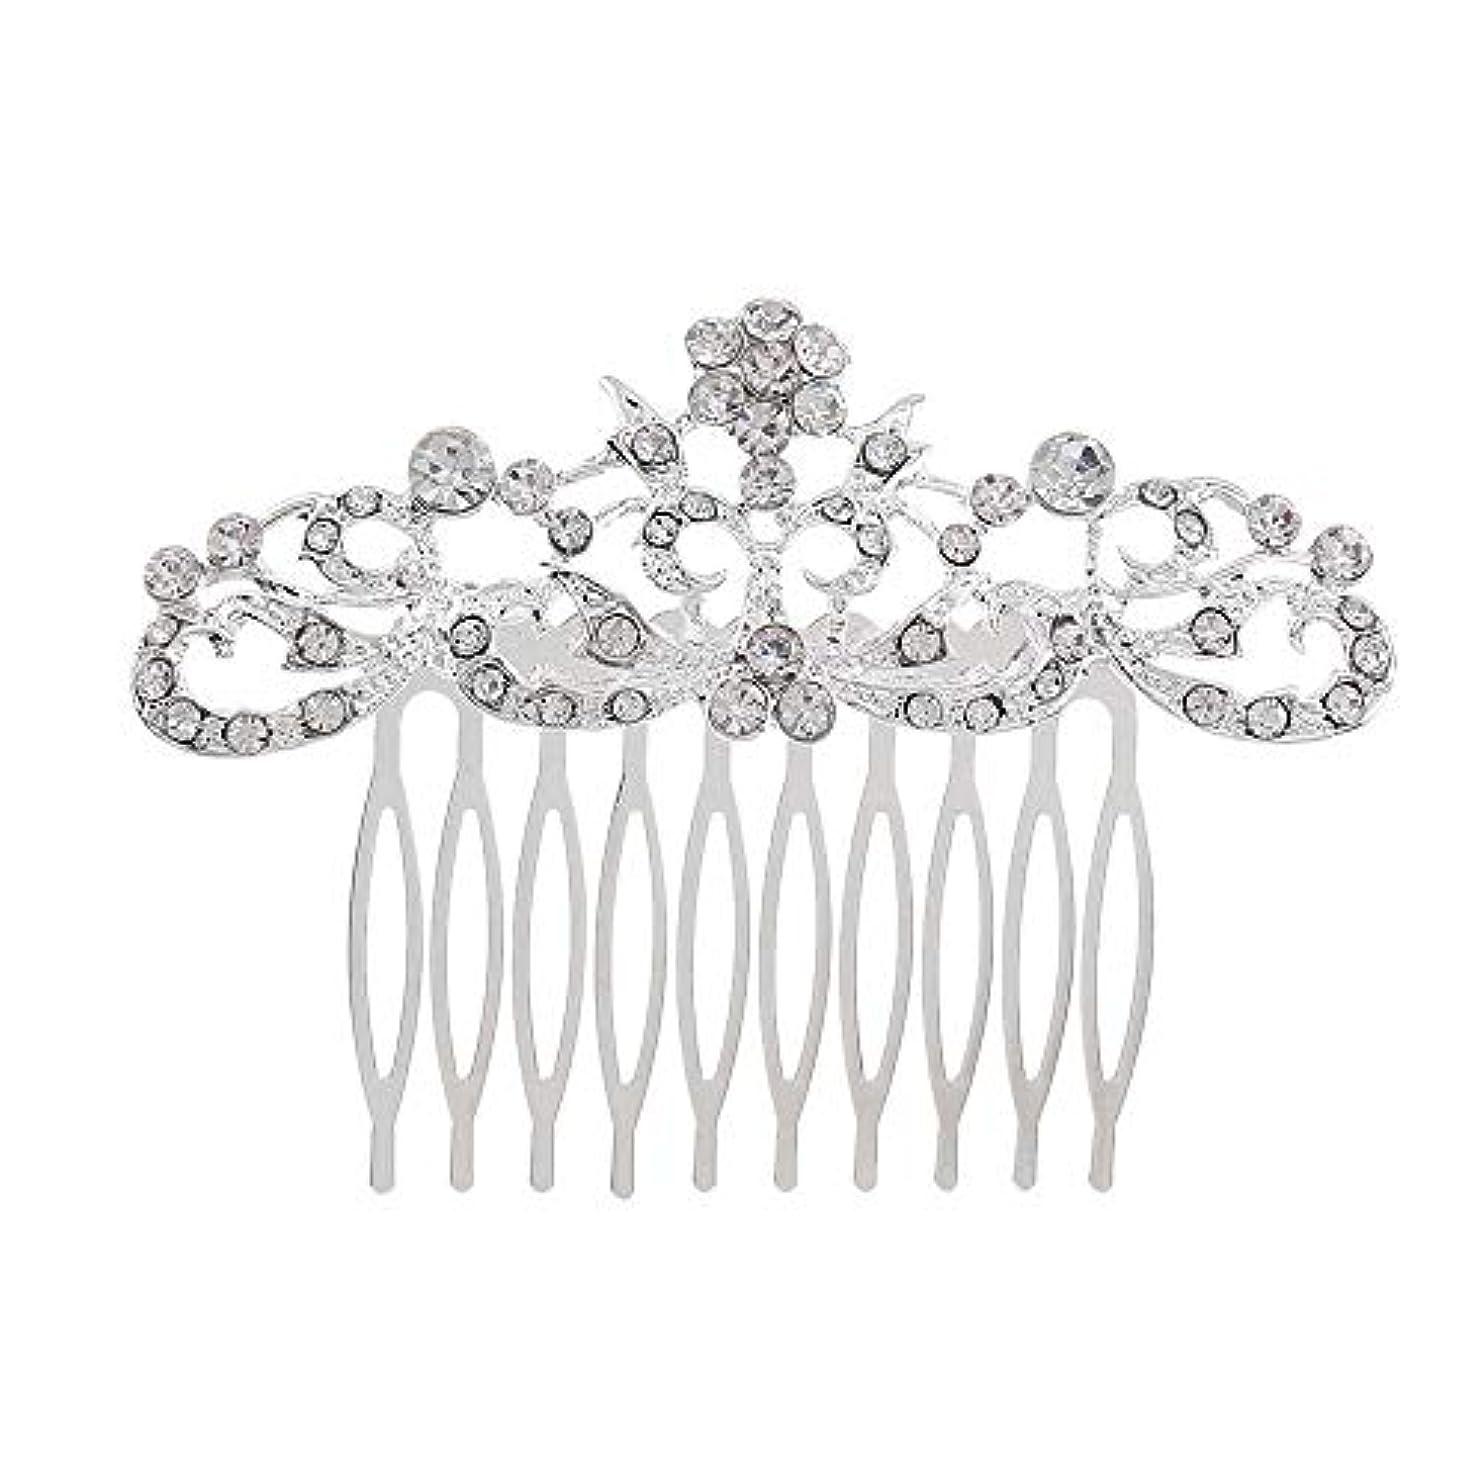 ダウンタウンお互い修羅場髪の櫛の櫛の櫛の花嫁の髪の櫛のファッションラインストーンの櫛の櫛の花嫁の頭飾りの結婚式のアクセサリー